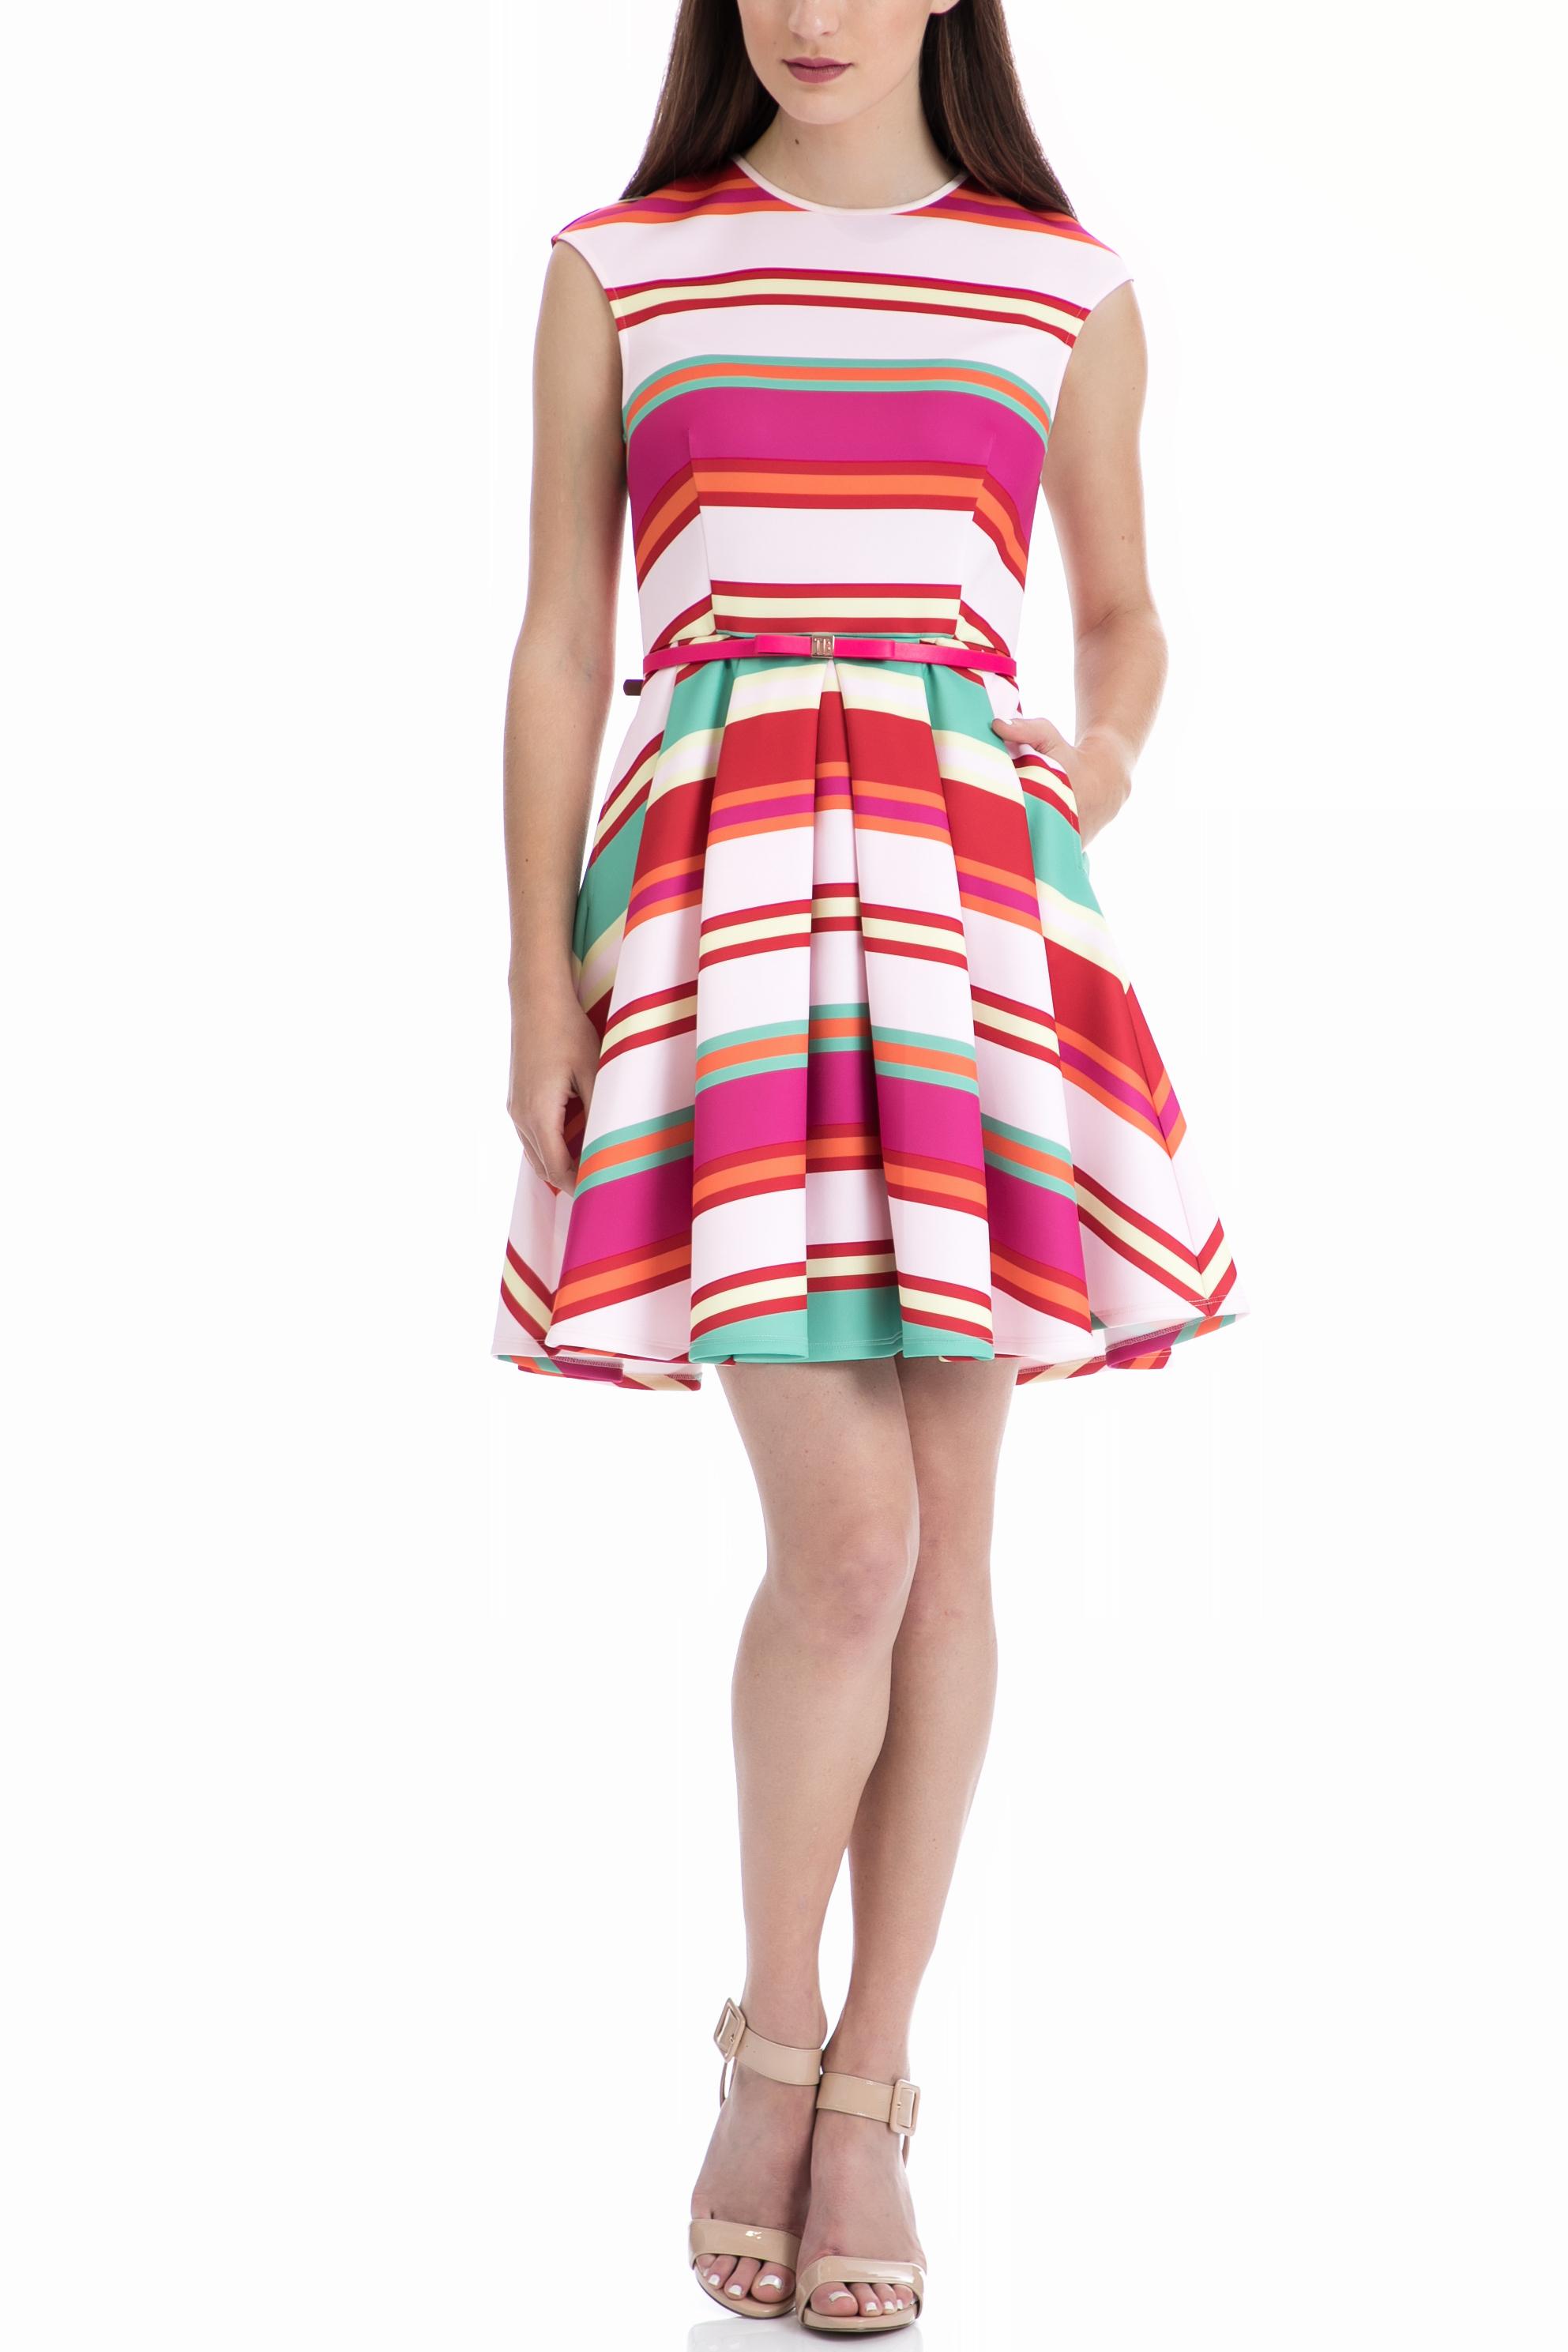 TED BAKER - Γυναικείο φόρεμα Ted Baker εμπριμέ γυναικεία ρούχα φορέματα μίνι